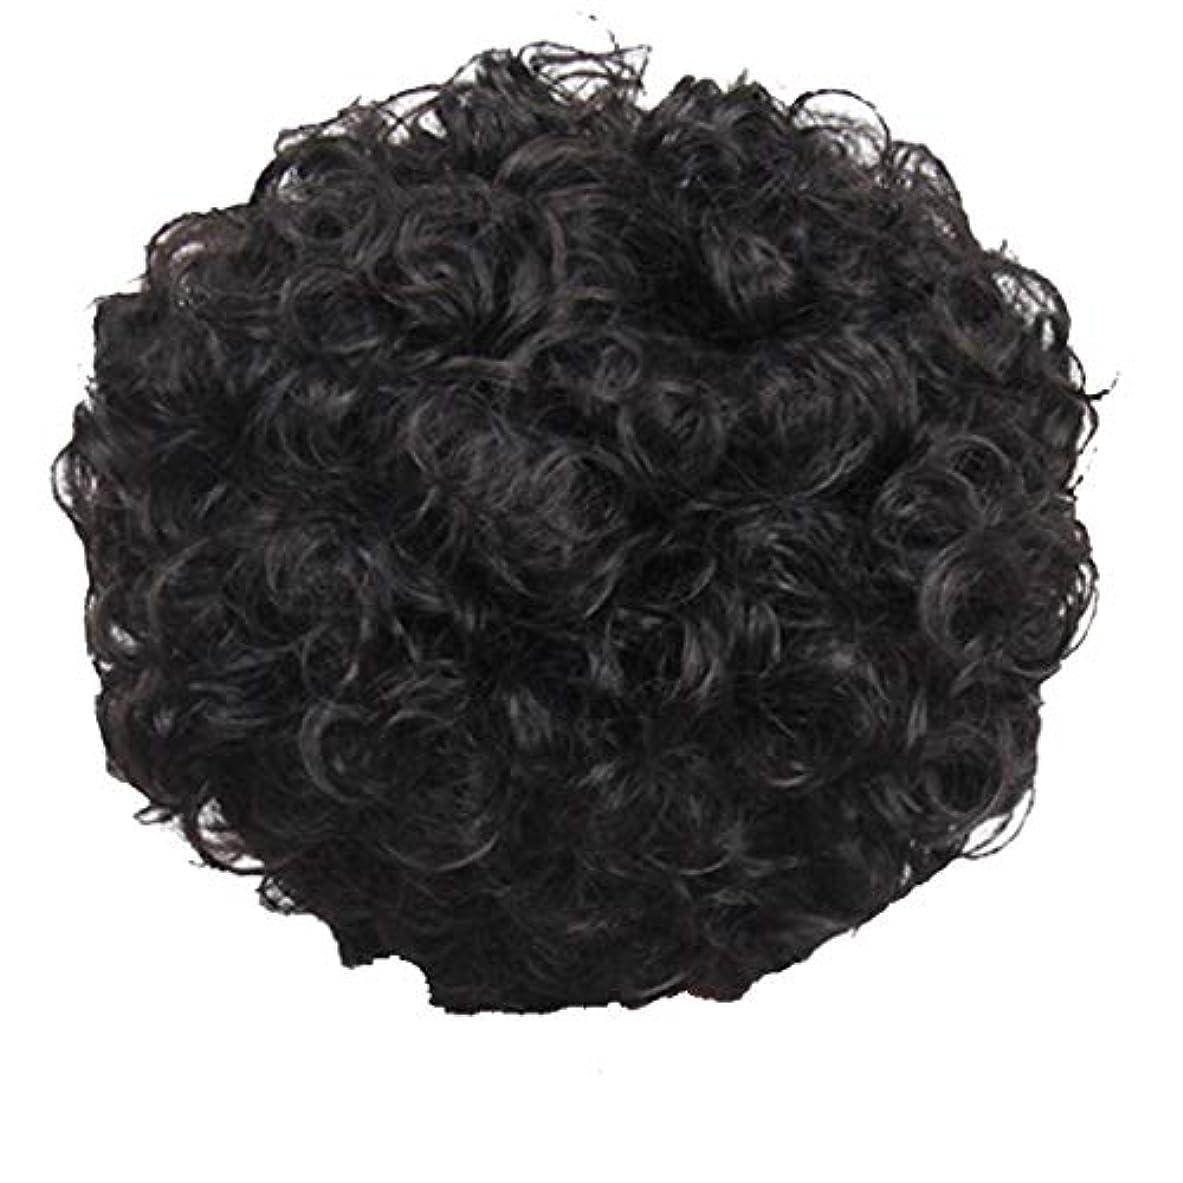 固めるパドルスクラップブックかつら、女性、短い髪、巻き毛、かつら、エルフカット、かつらキャップ、27cm